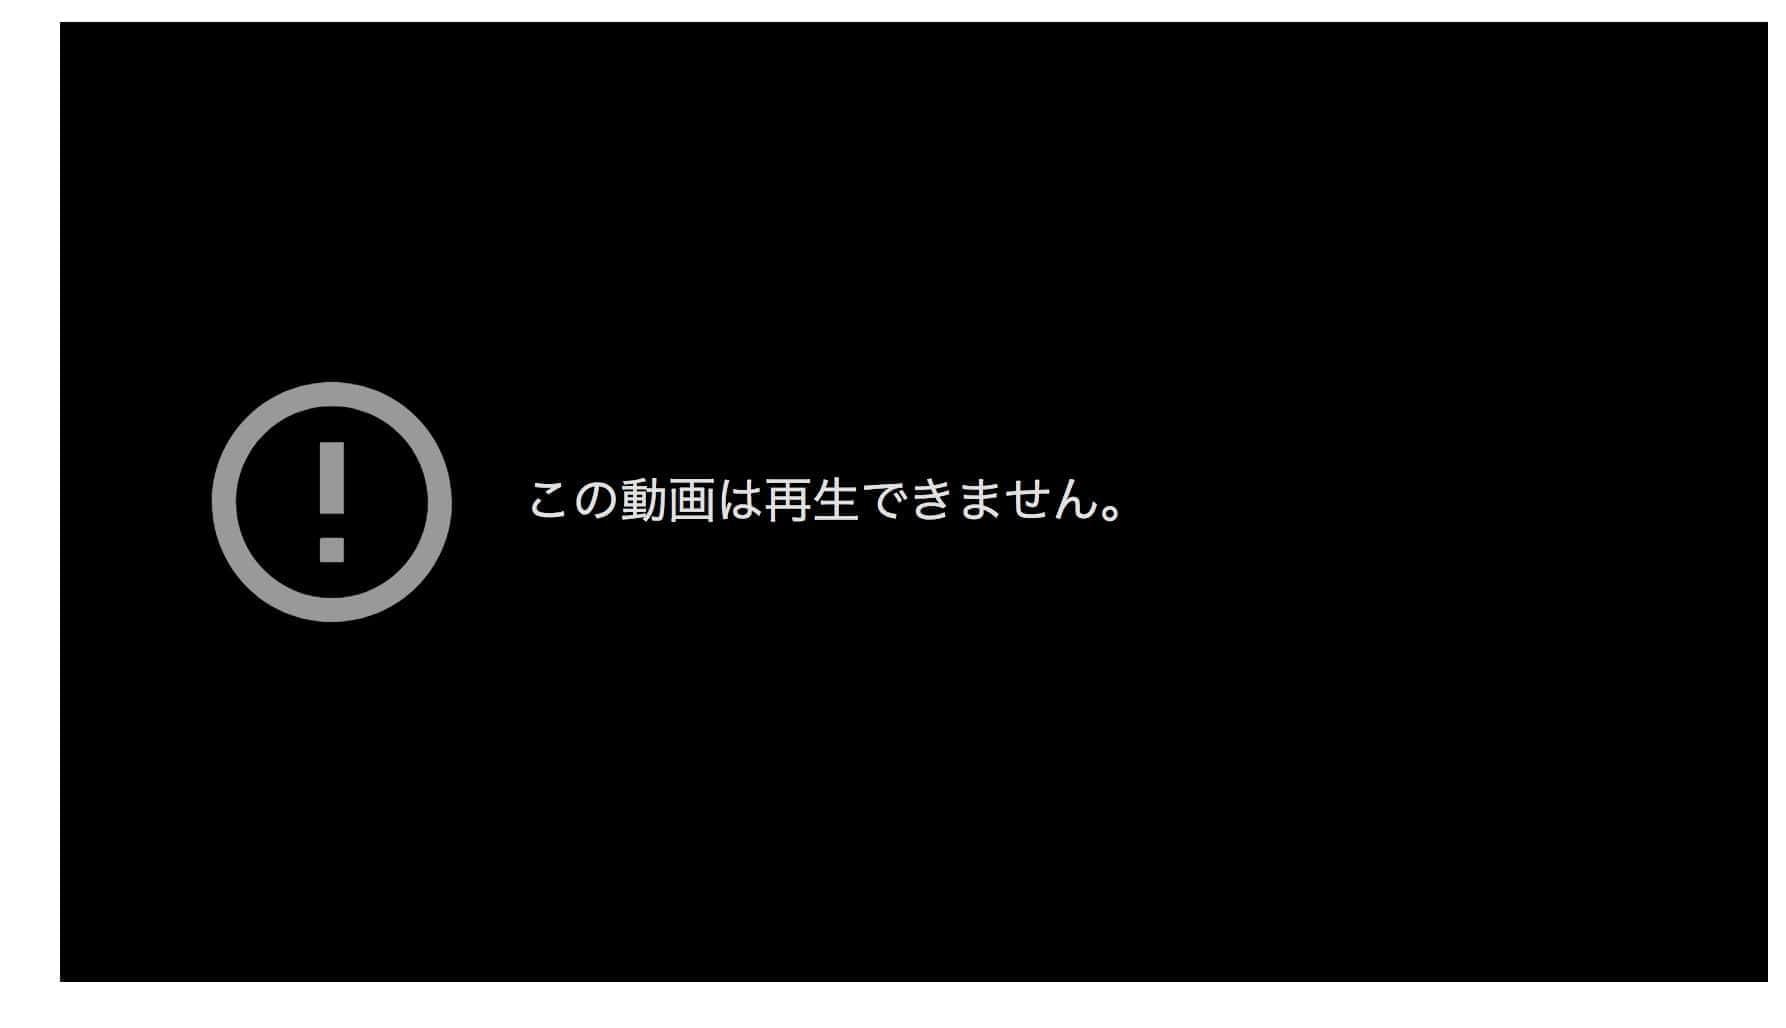 スクリーンショット 2018-03-07 19.23.33